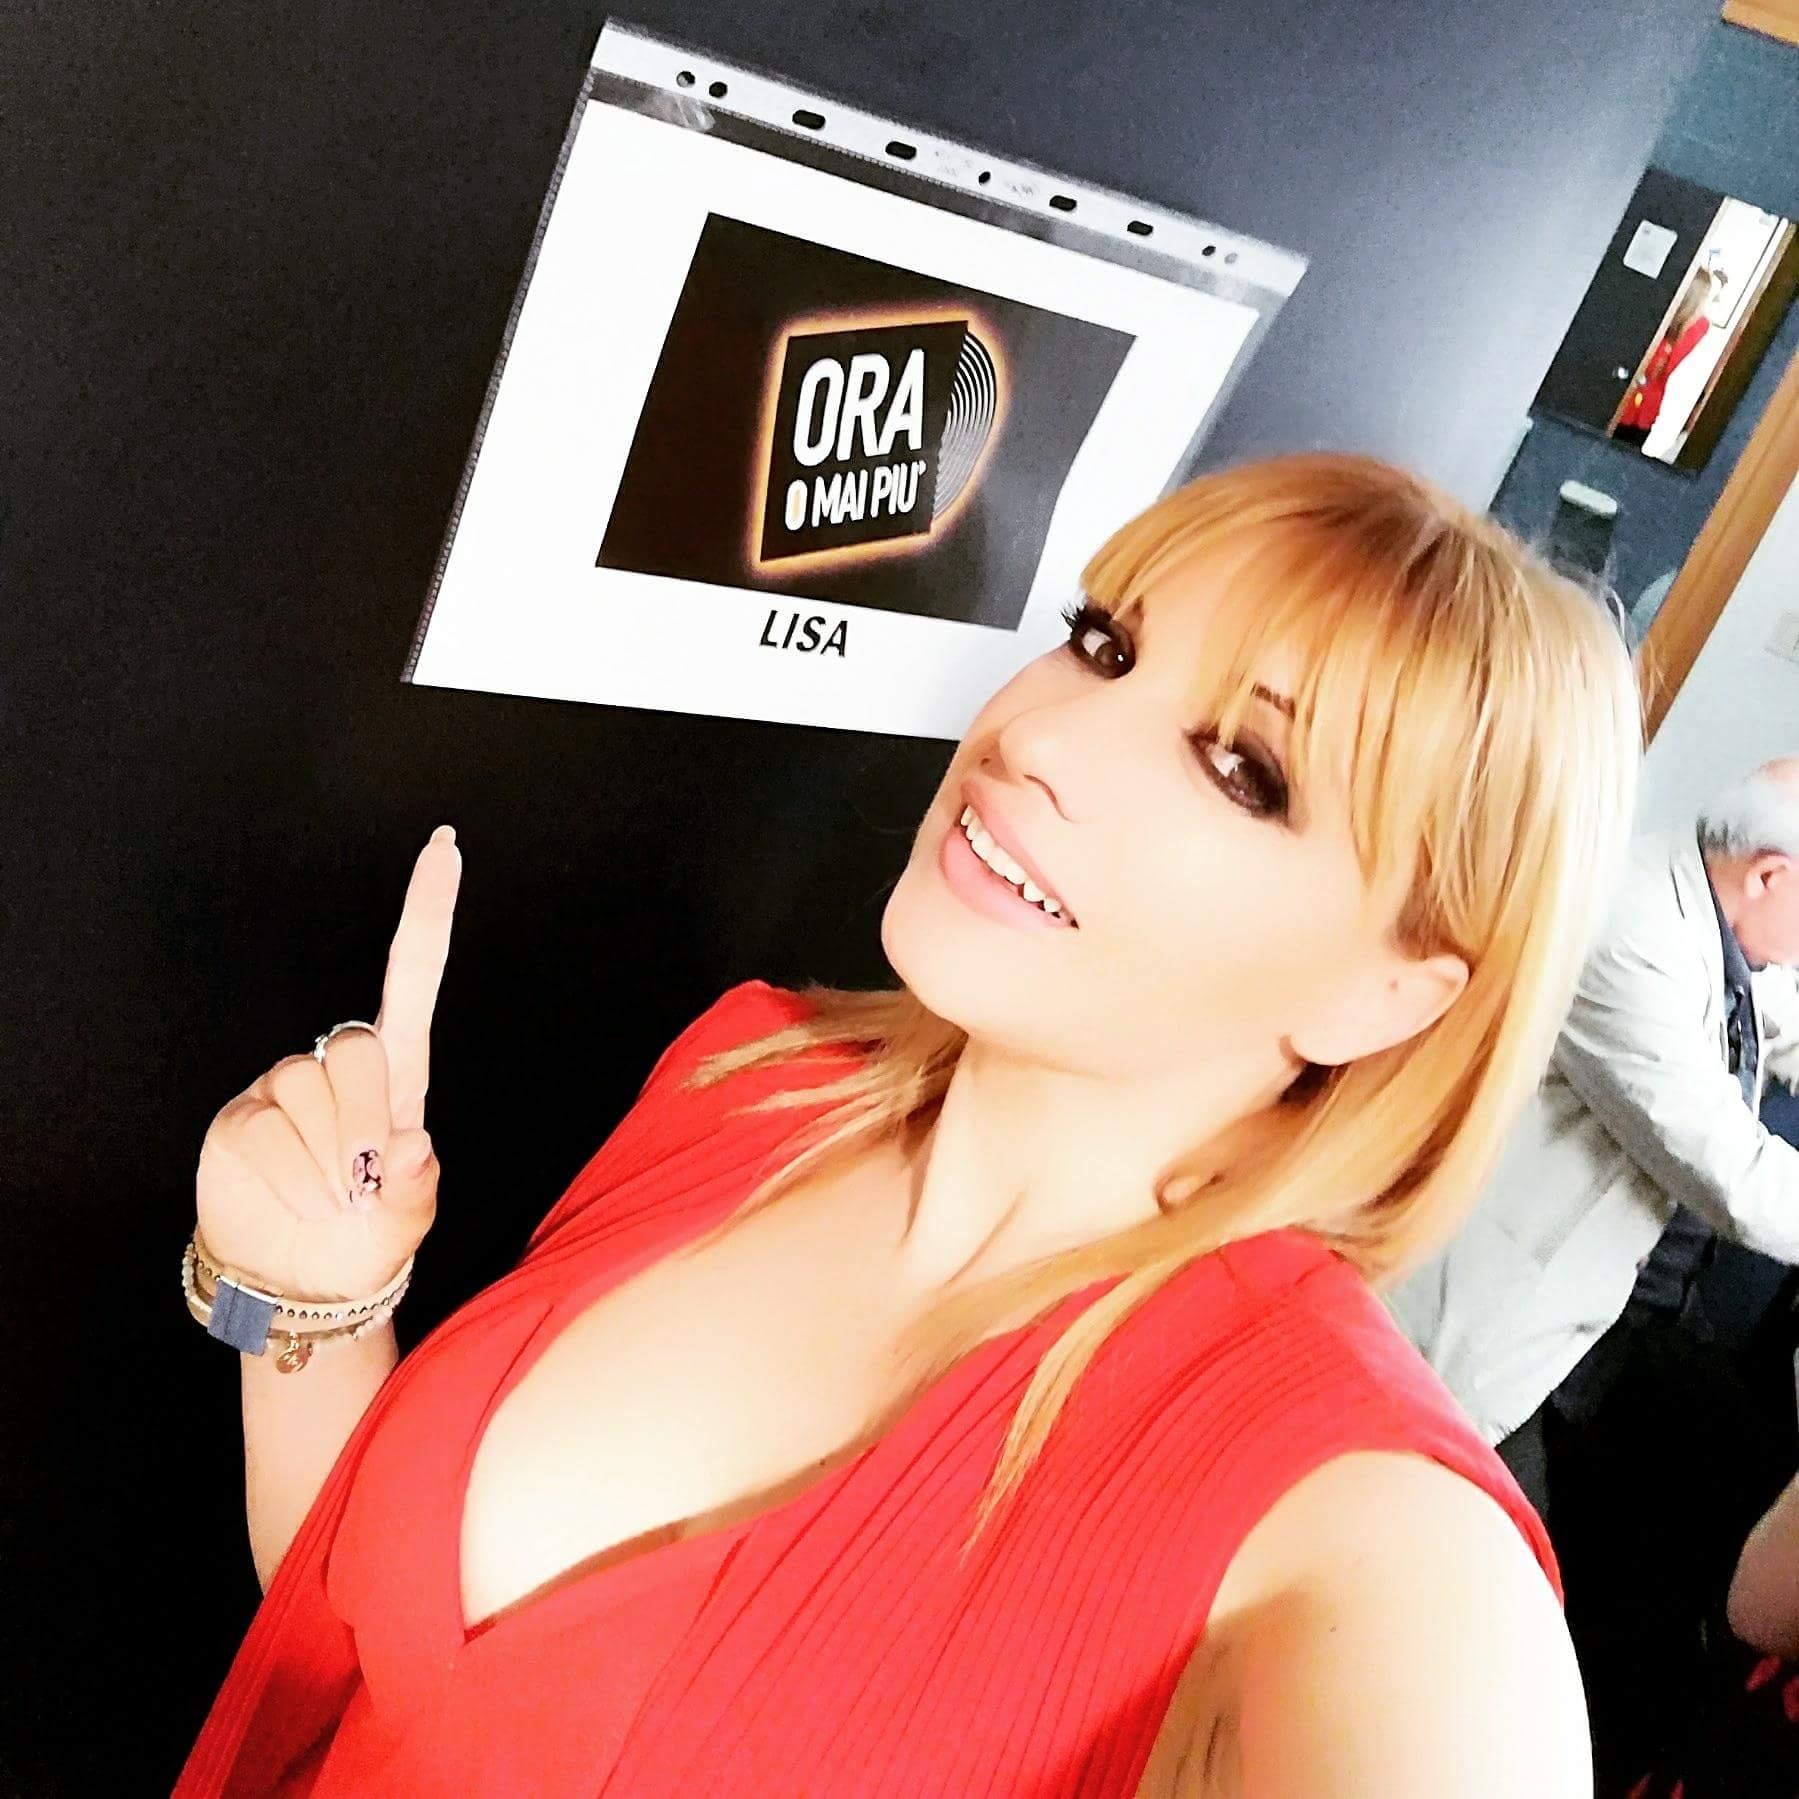 'Ora o mai più', la cantante Lisa vince e racconta la sua verità